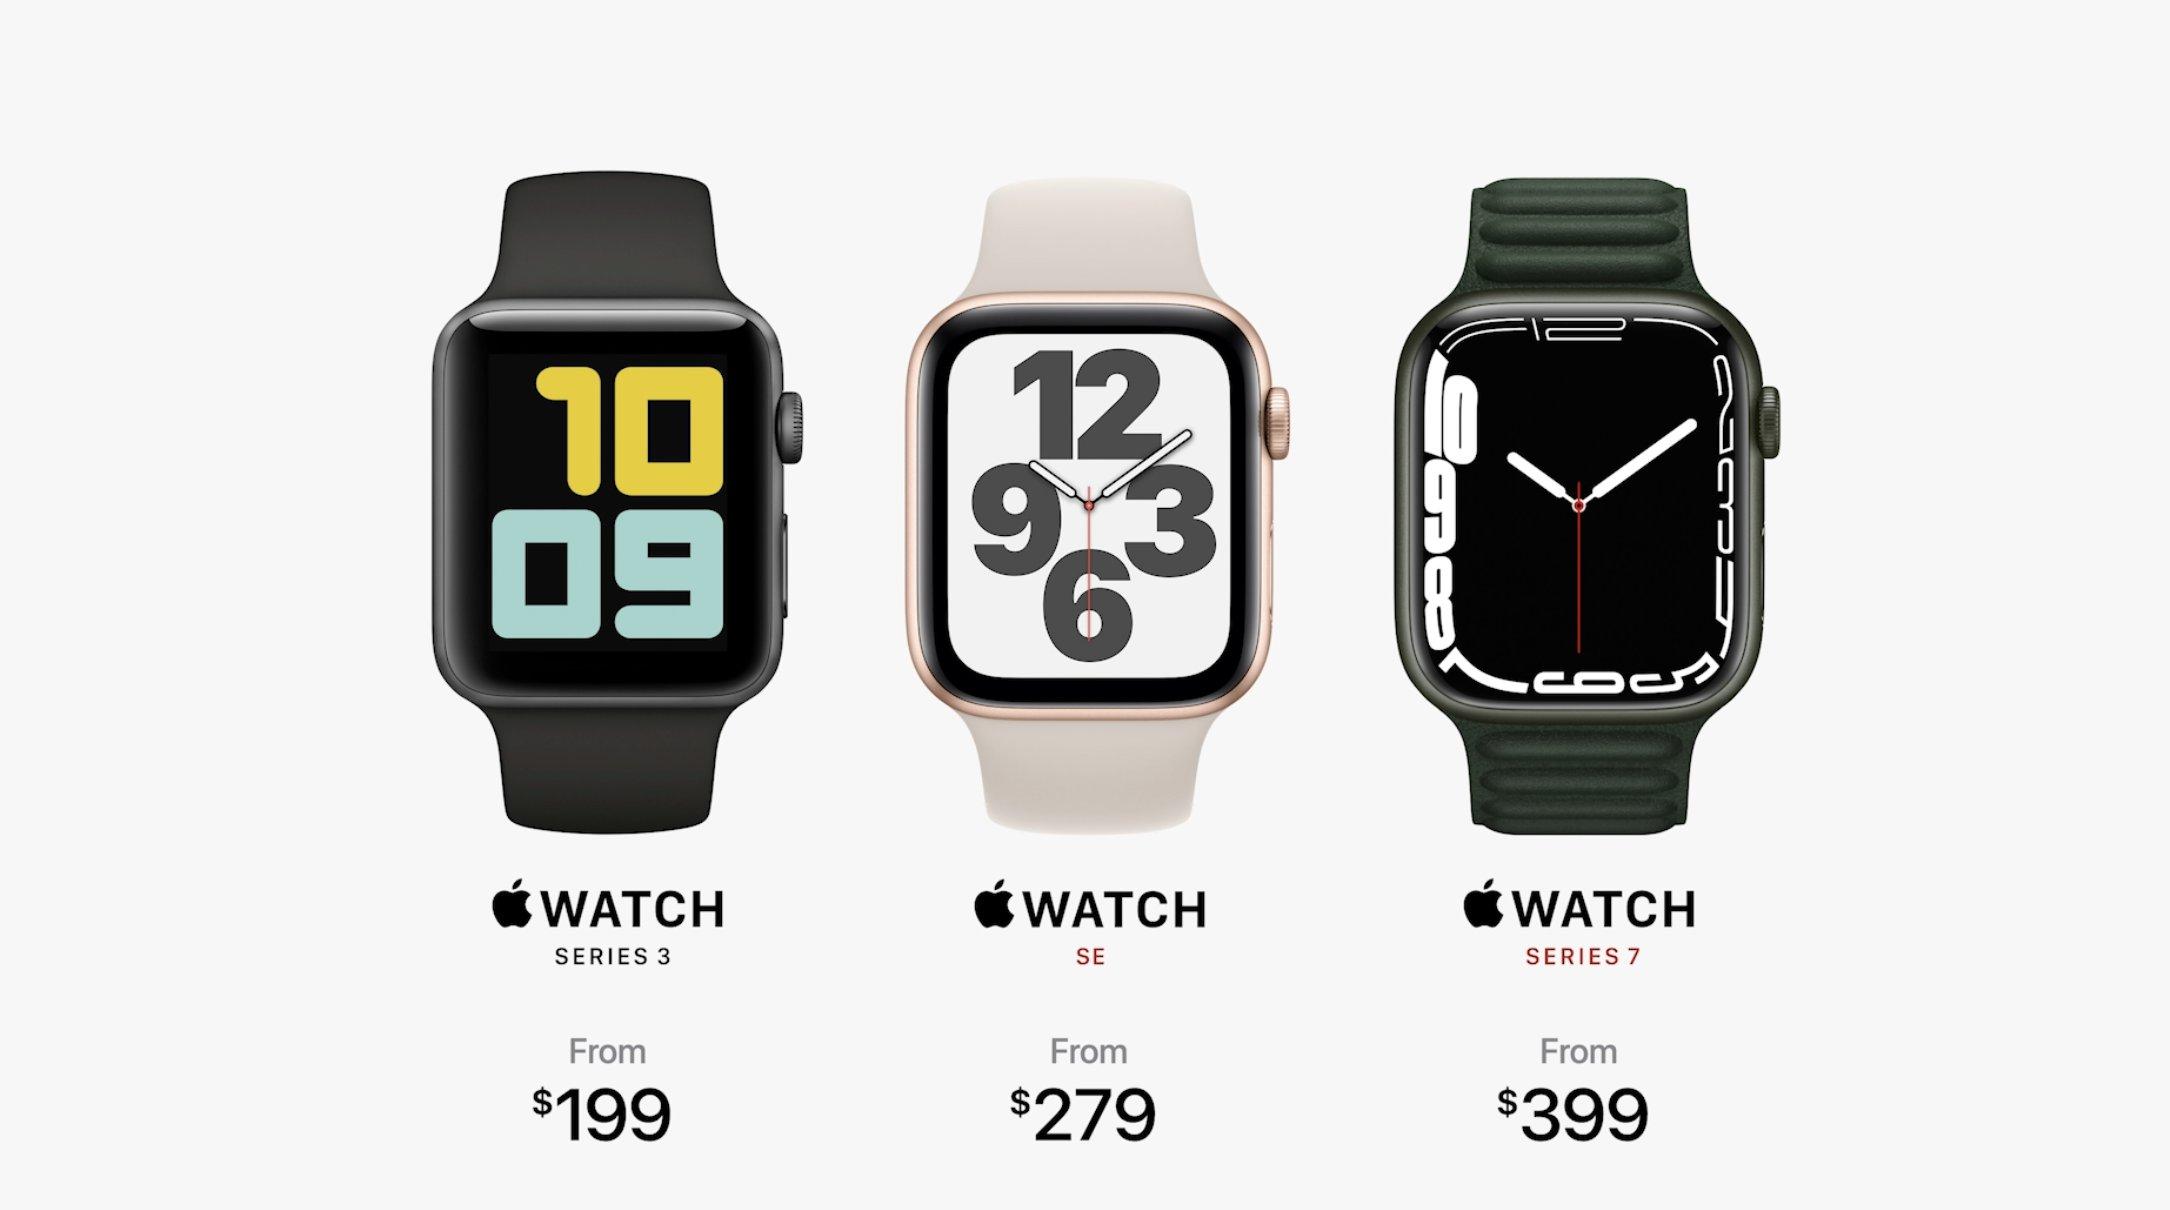 Precios del Apple Watch Series 7 en dólares